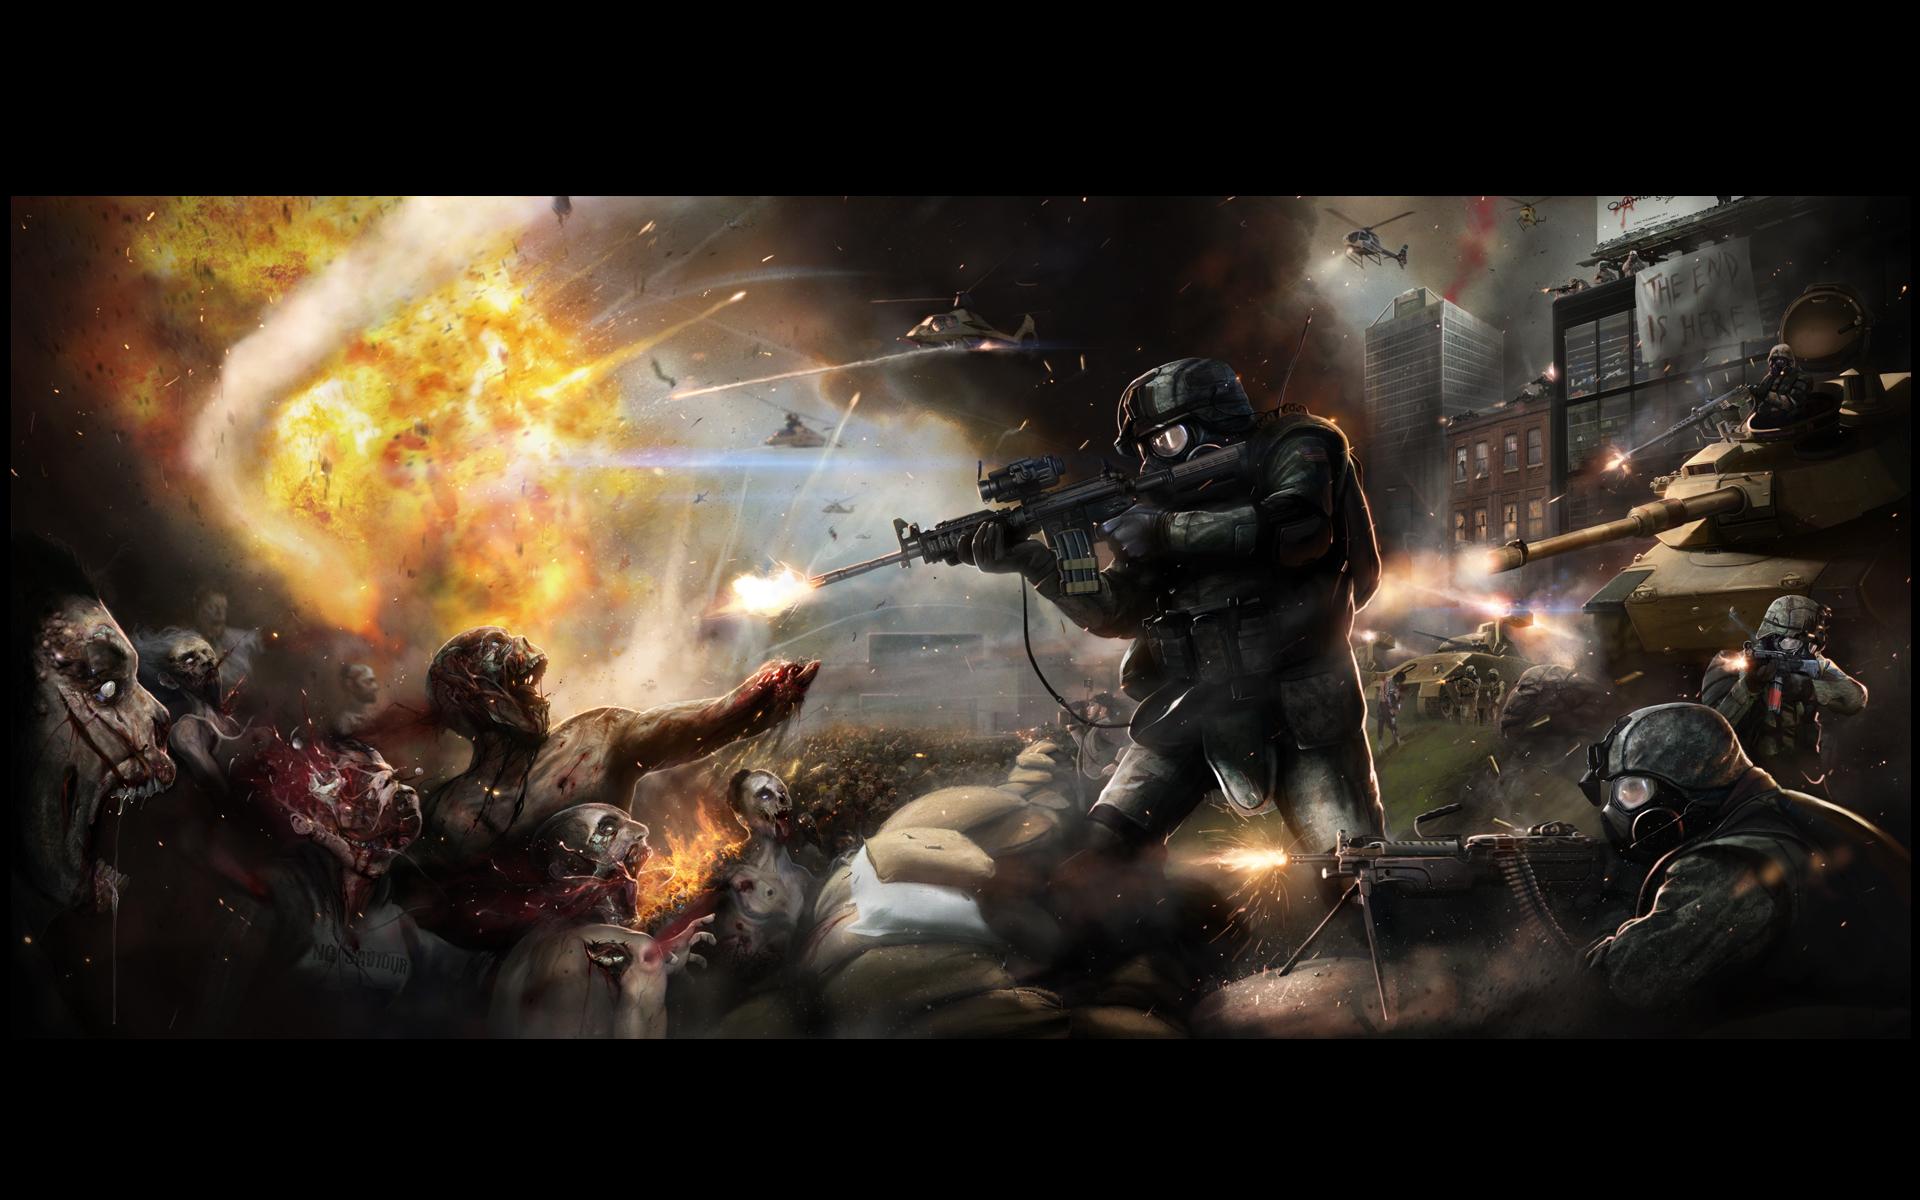 world war z zombie battle of yonkers wallpaper zombie background 1920x1200